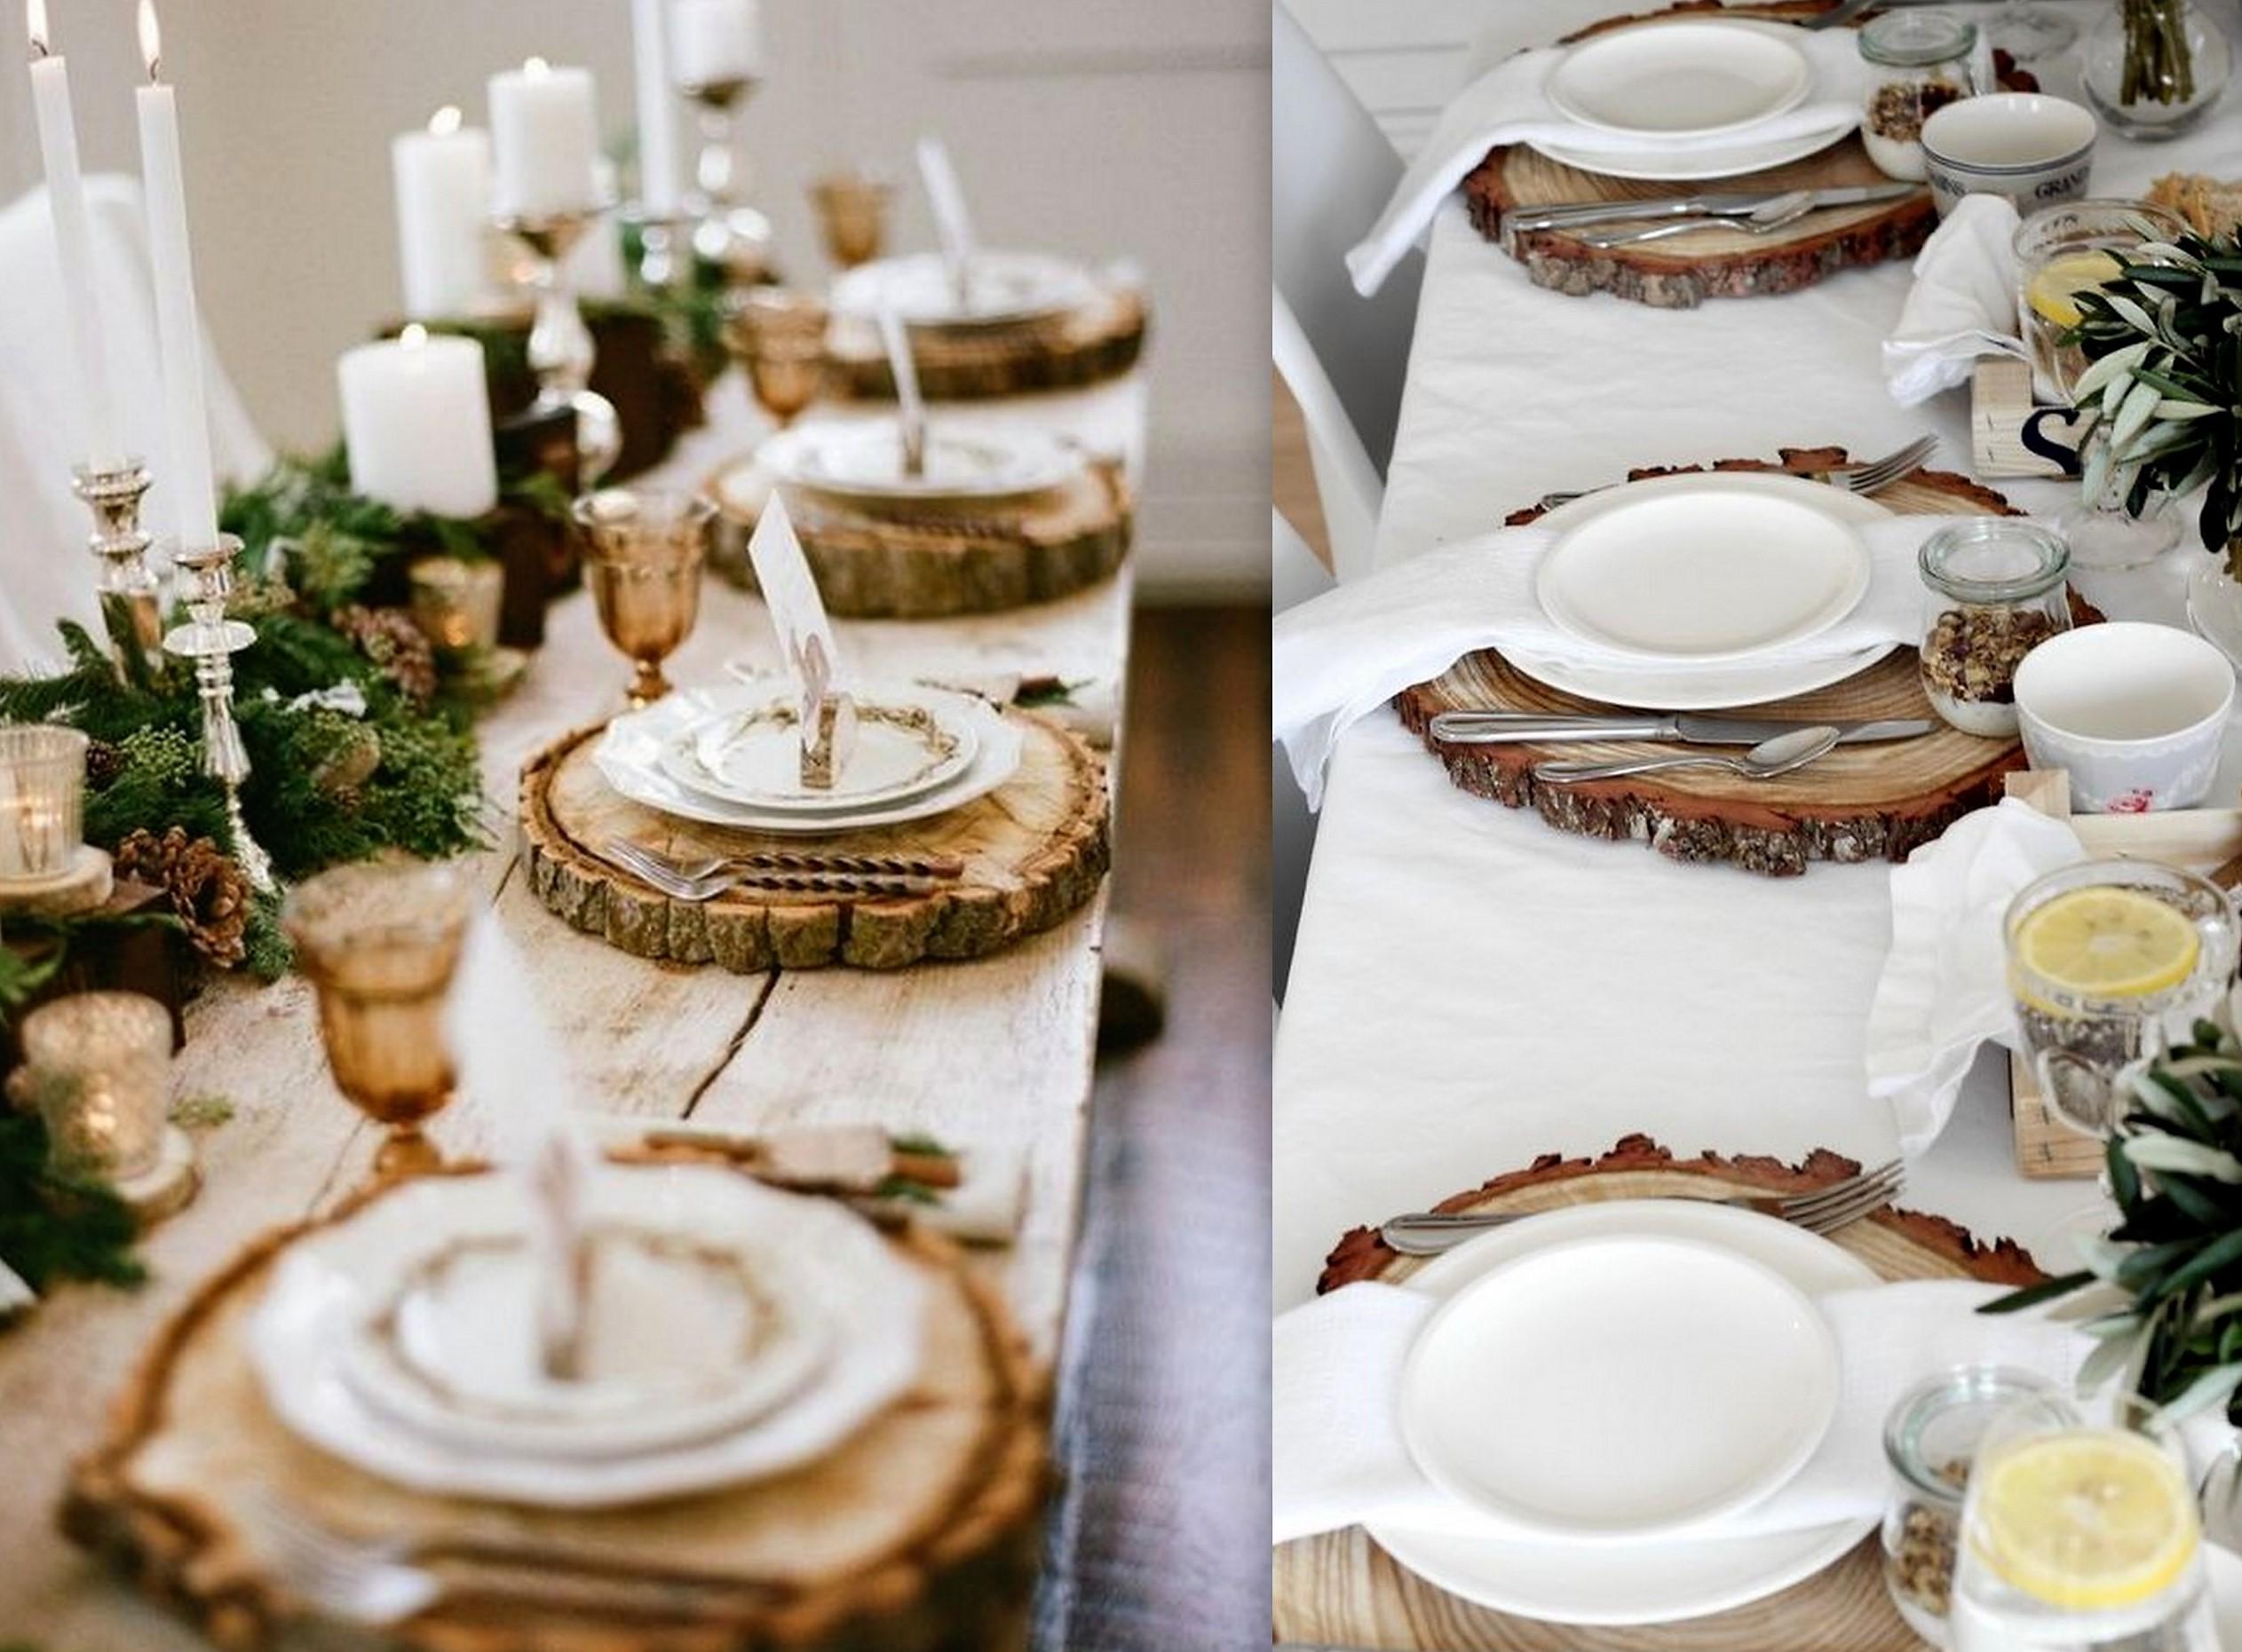 Décorations de Noël rustiques et naturelles